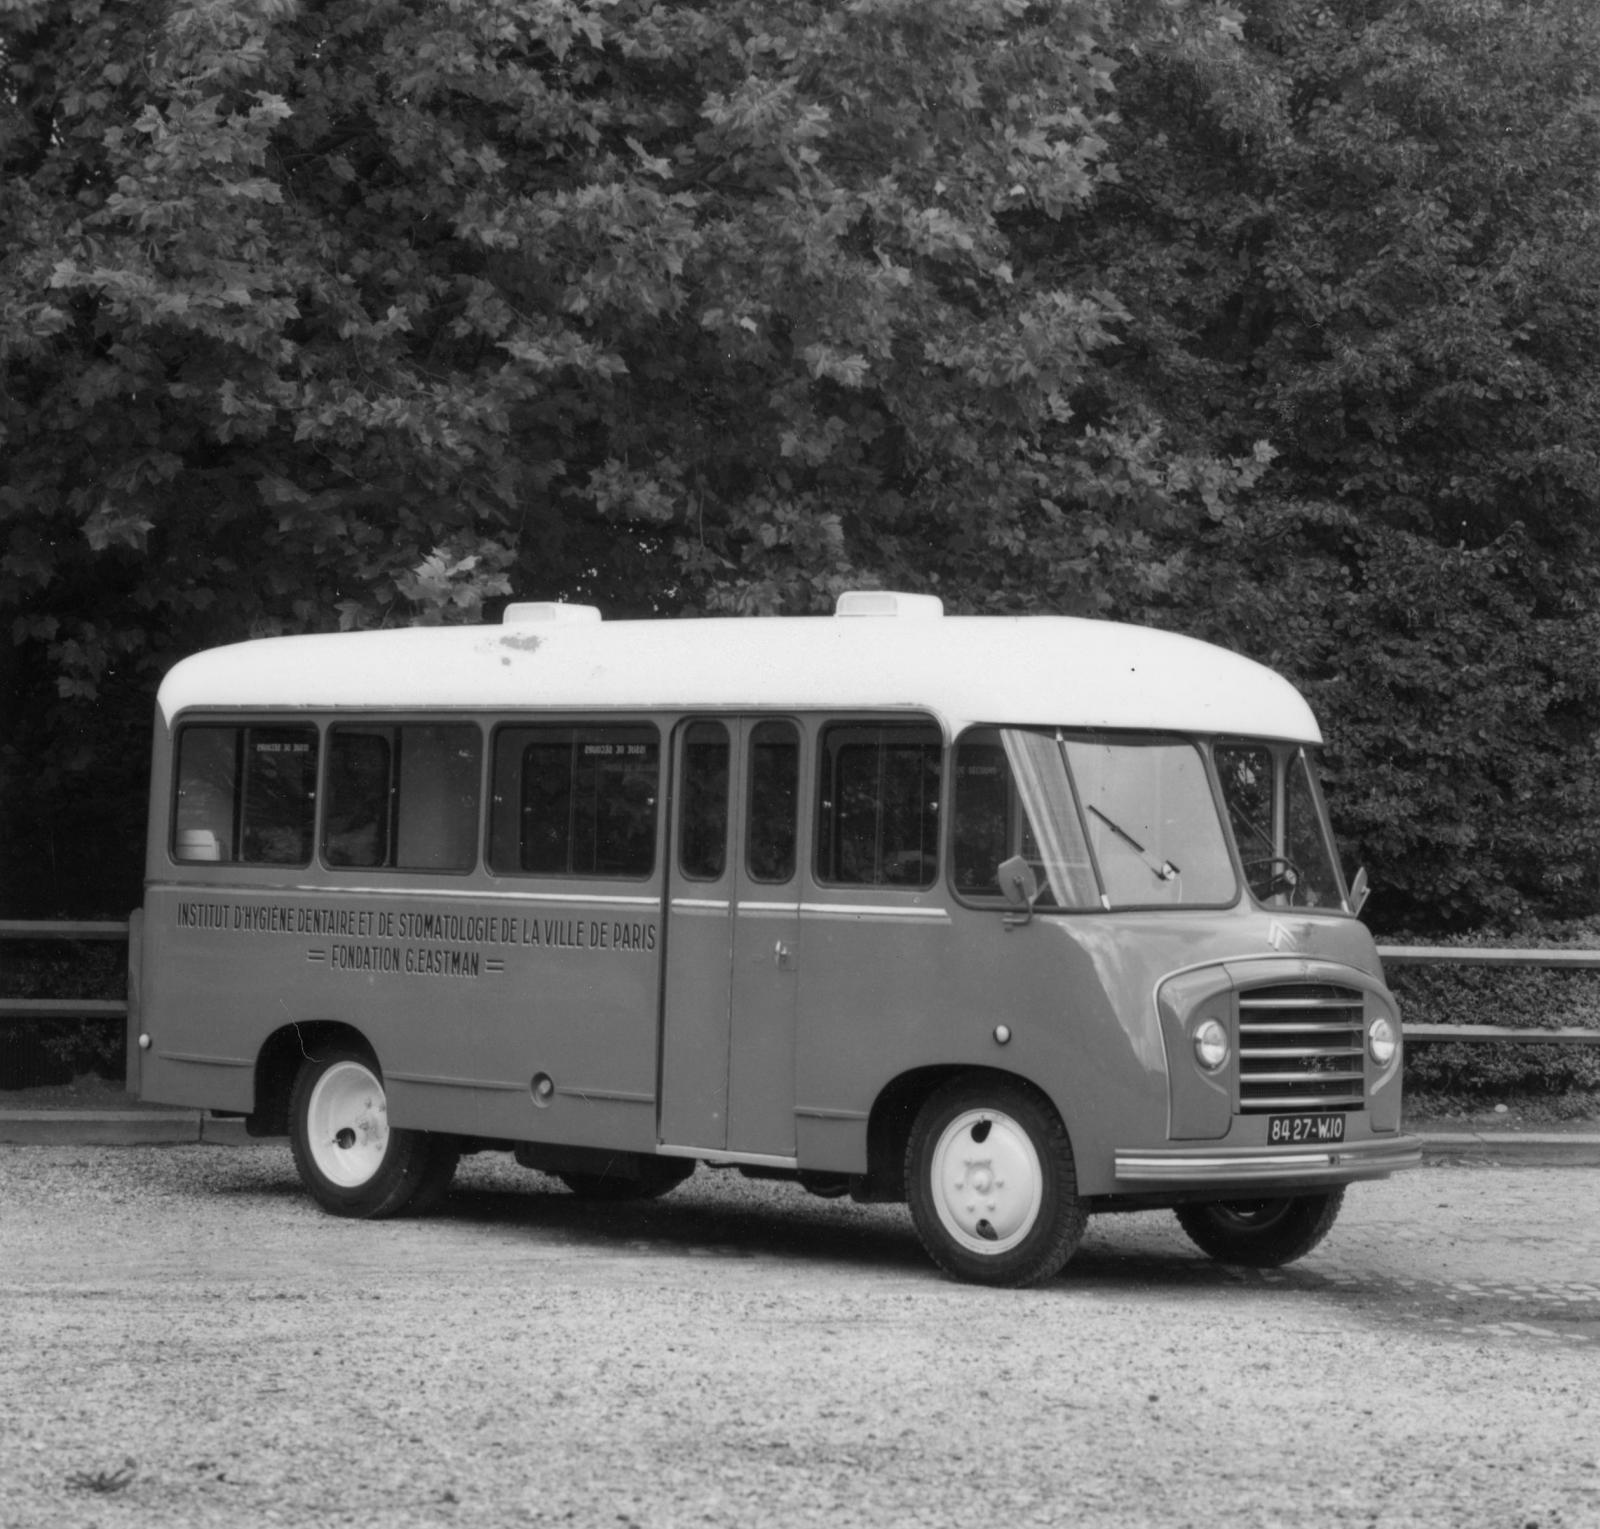 Autobus Citroën de l'institut d'hygiène et de stomatologie de la ville de Paris